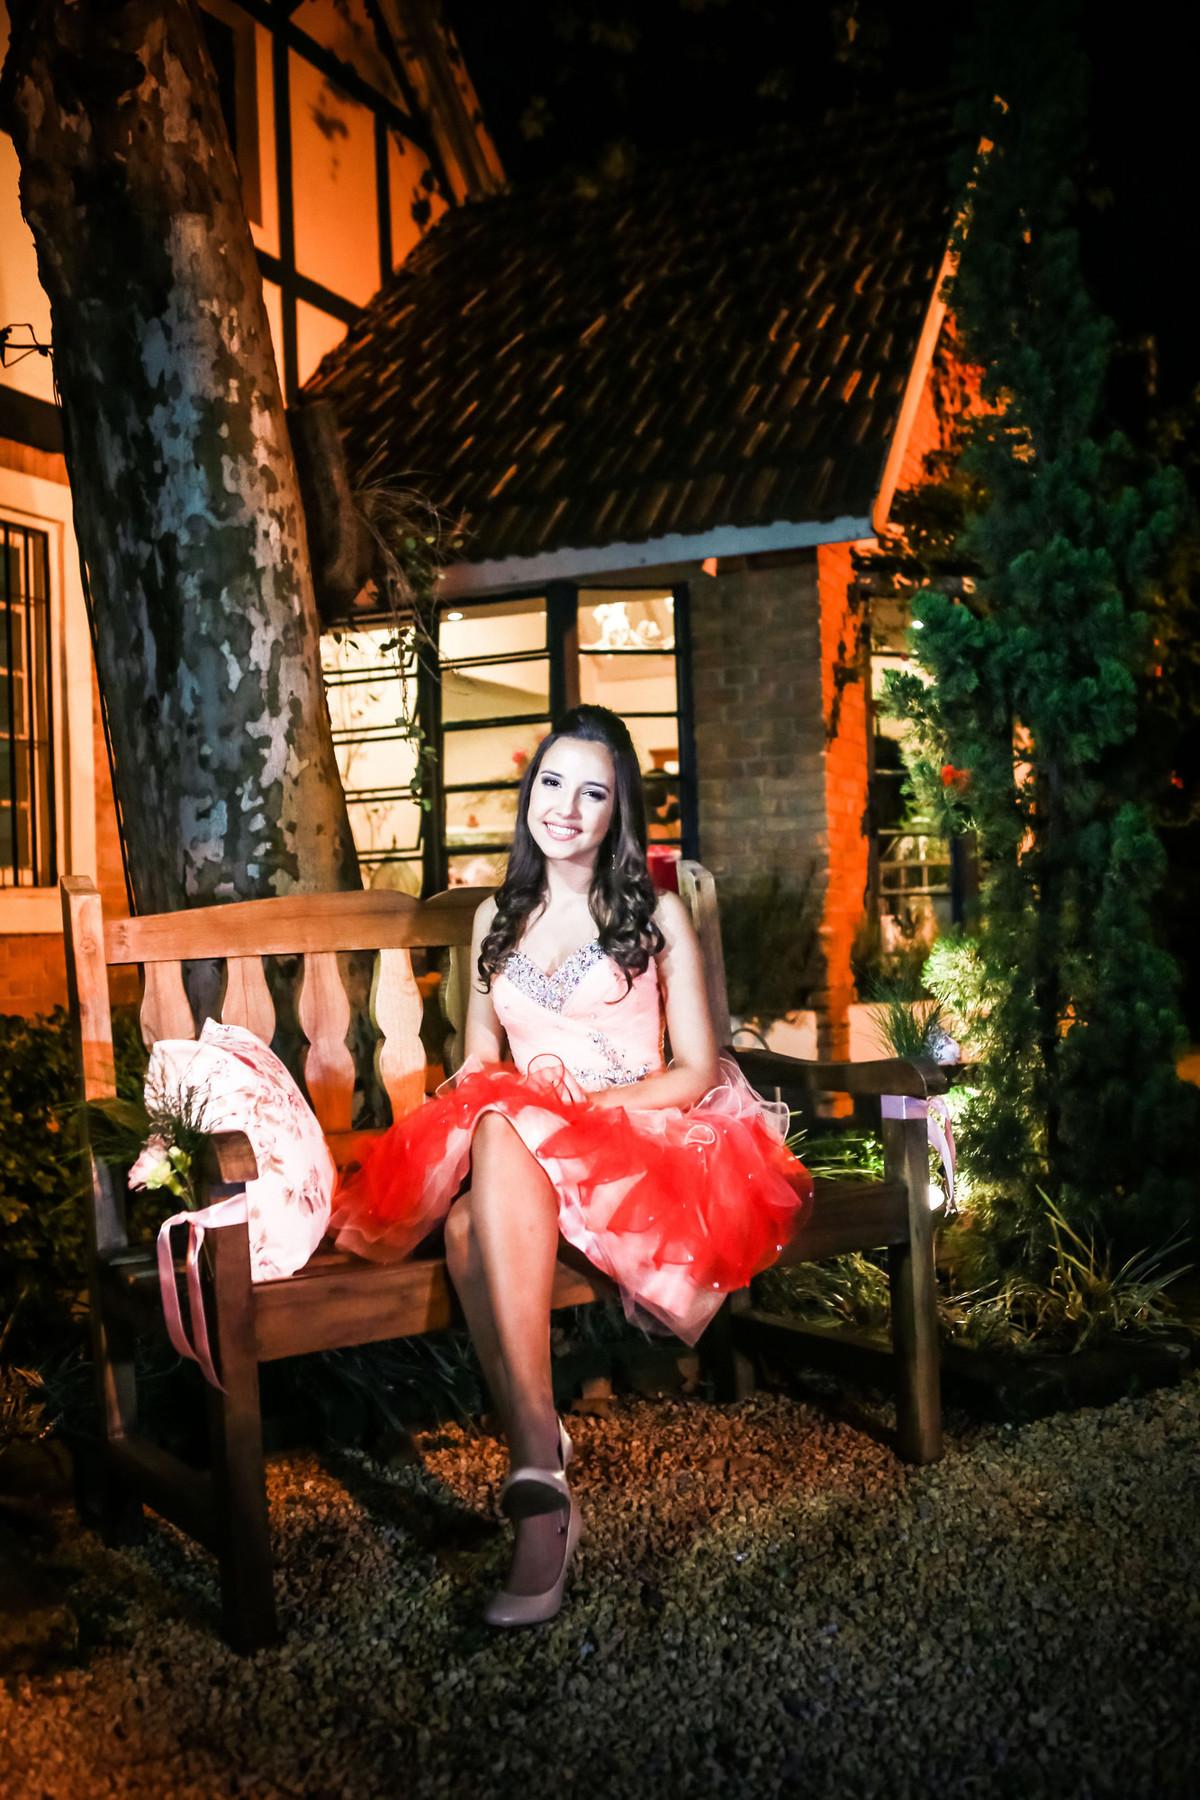 fotos do Aniversário de 15 anos Debutante Nathalia | Buffet Grande Ville| Charmosa Mansão no ABC | Fotos Vinícius Nakashima | Estúdio Celso Vick | Fotografia espontânea